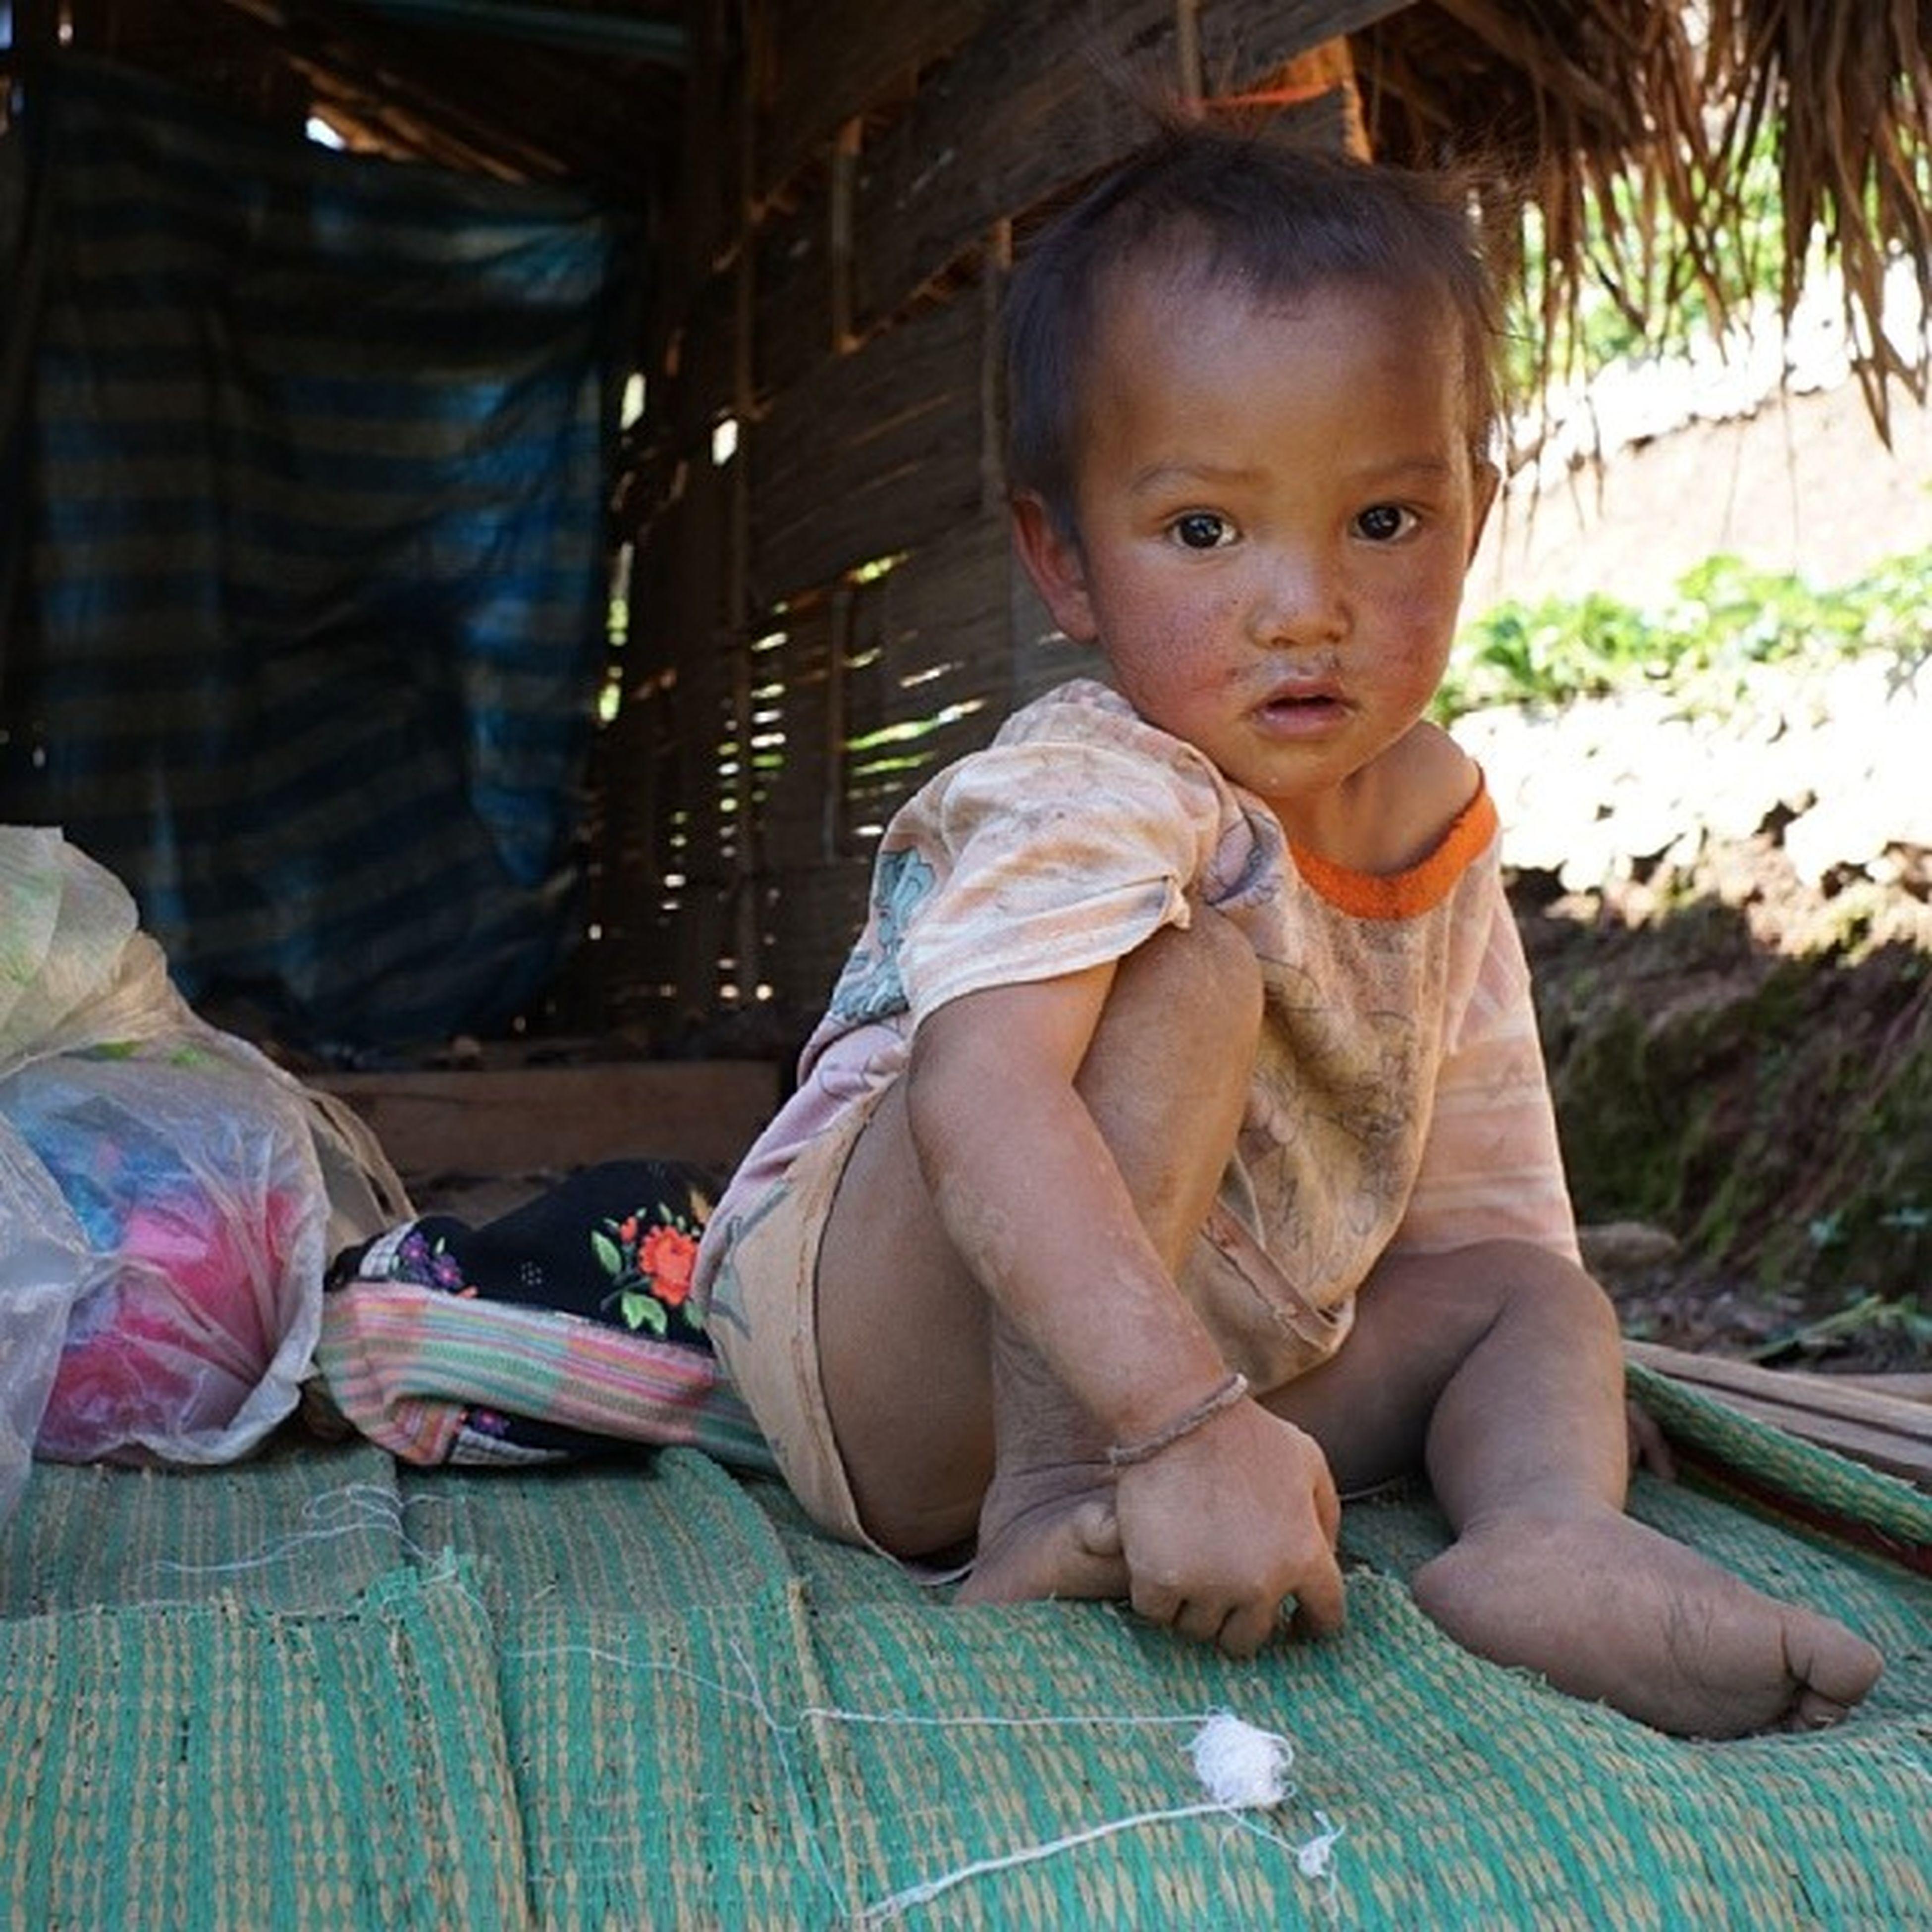 """ละอ่อนน้อยที่ขอบด้ง ♥♥♥ เตี่ยวก้อบ่ใส่ _ _"""" โตมาจะเป็นเจ้าของดอย หมู่บ้านขอบด้ง สักพักมาแล้ว อ่างขาง ตามล่าสตอเบอร์รี่ Tripchiangmai Thailand"""